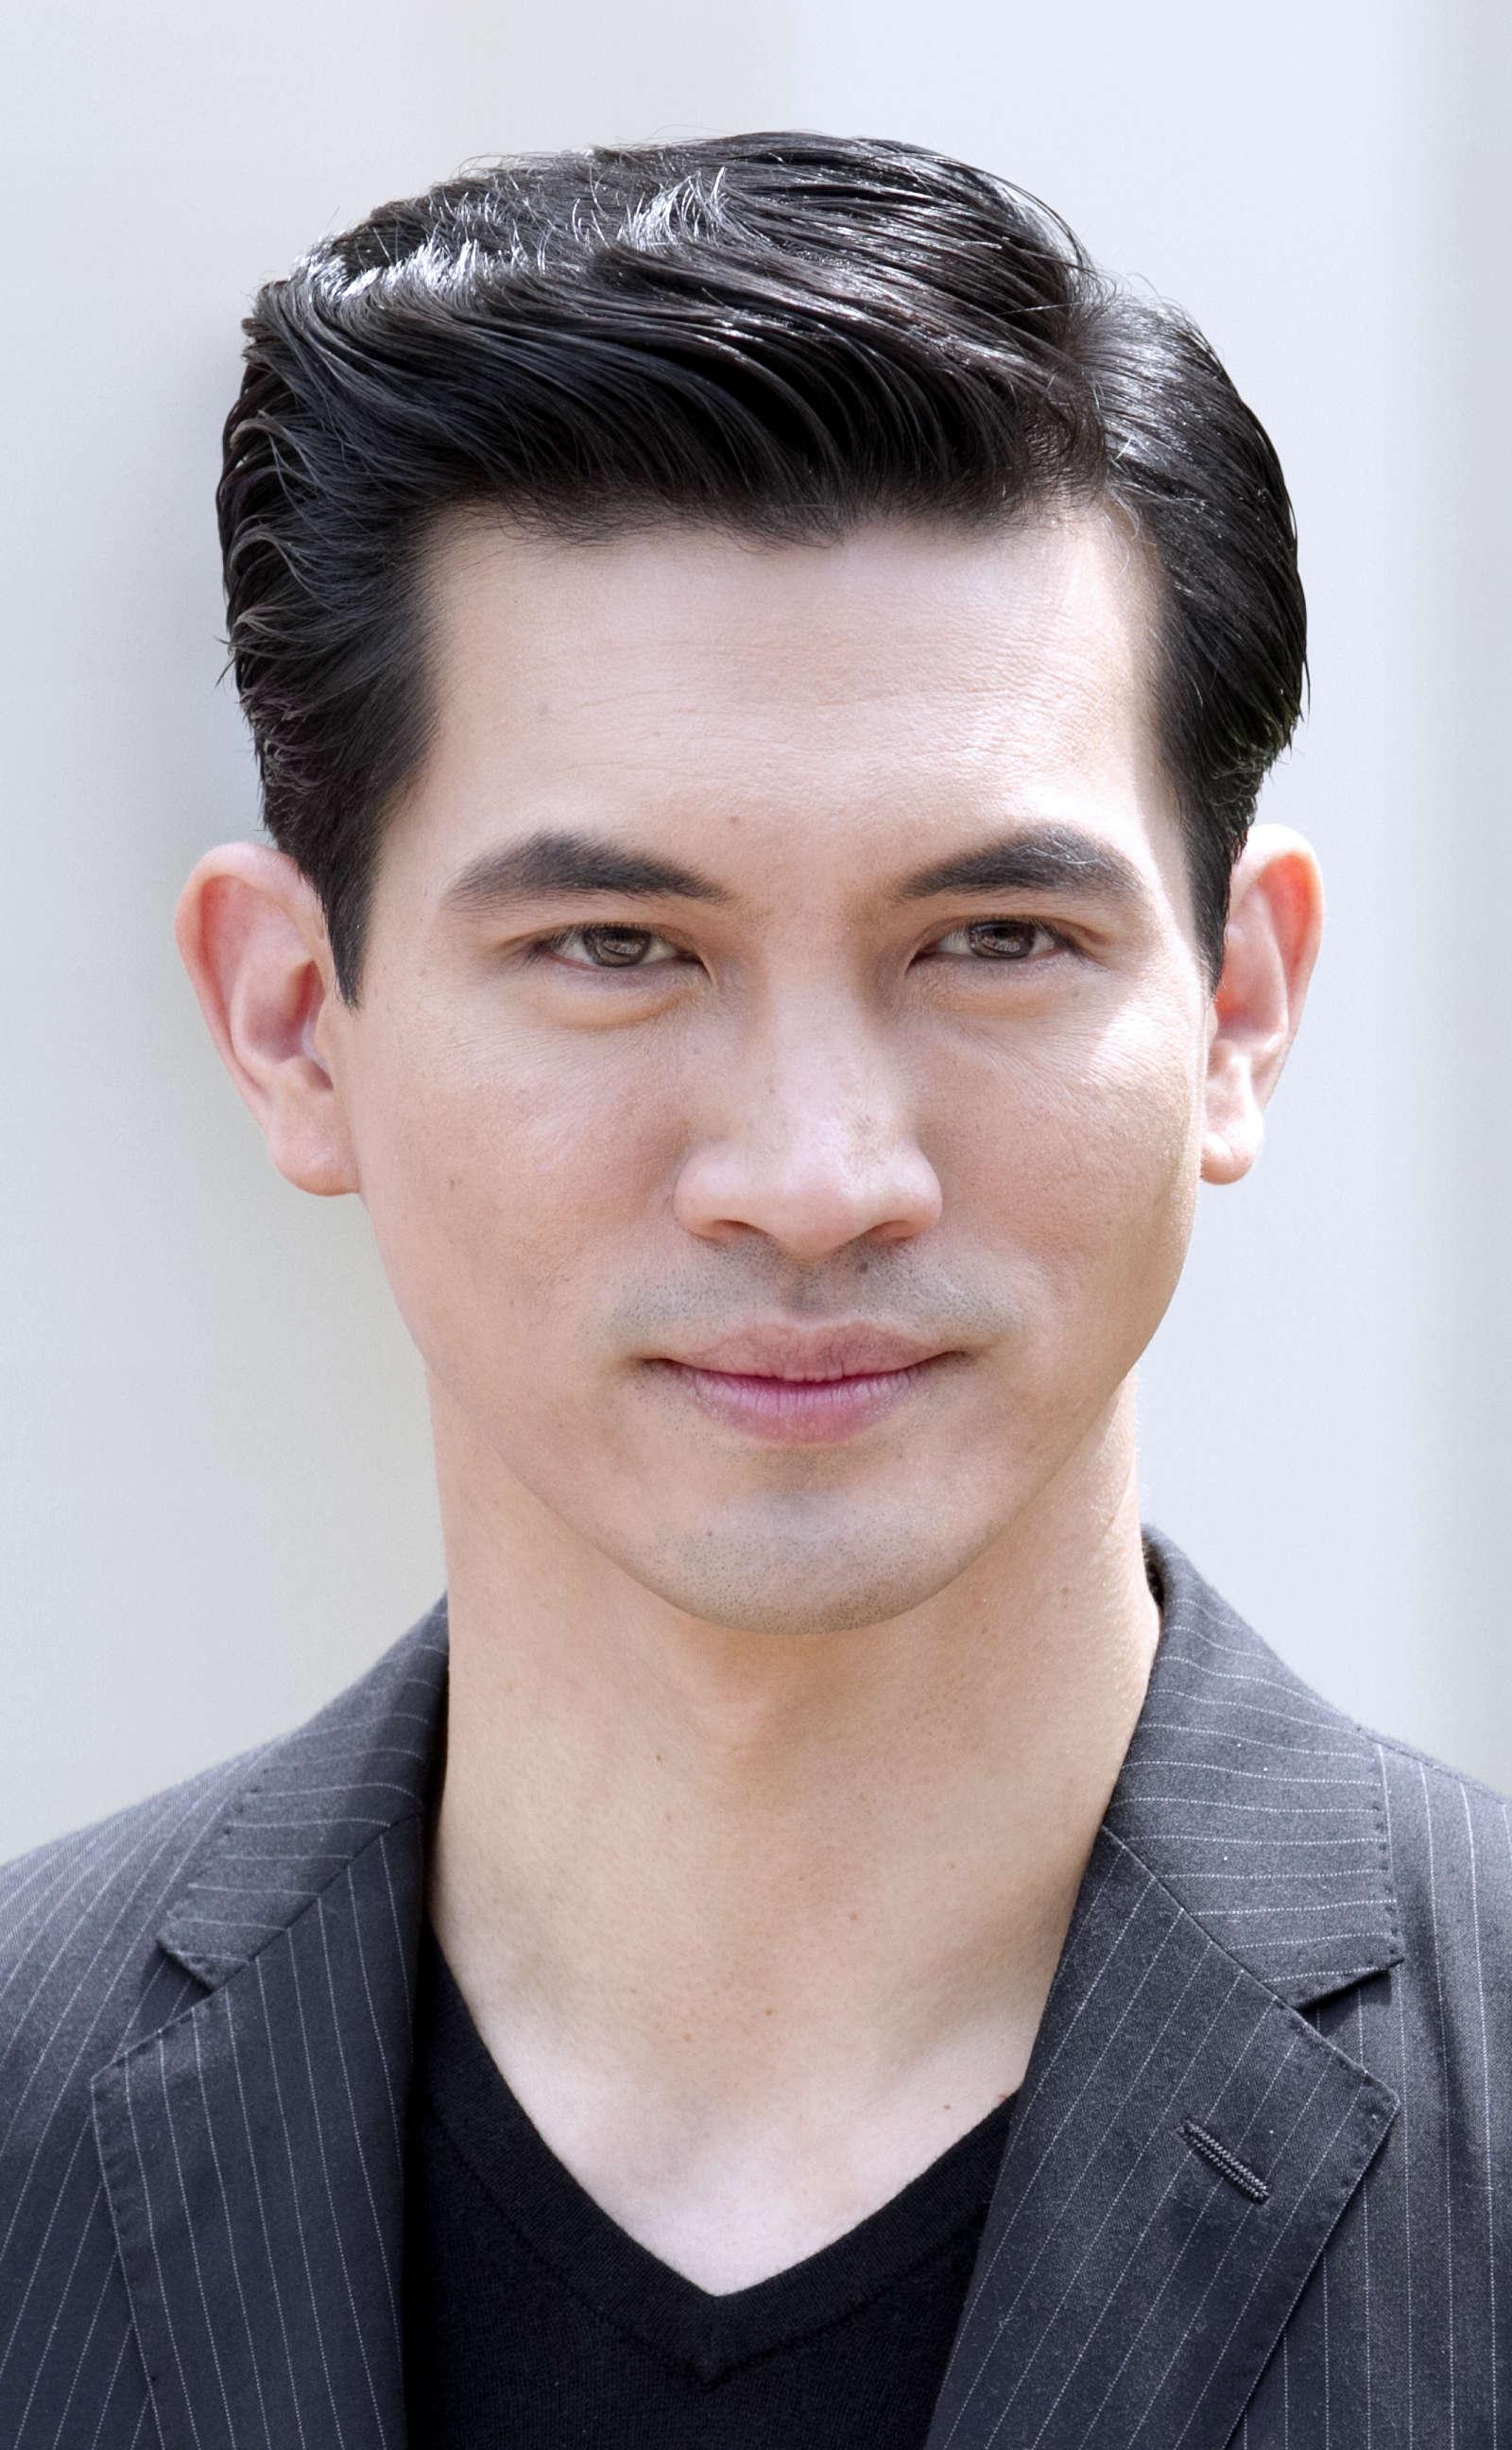 Kiểu tóc nam Hàn Quốc vuốt keo lịch thiệp